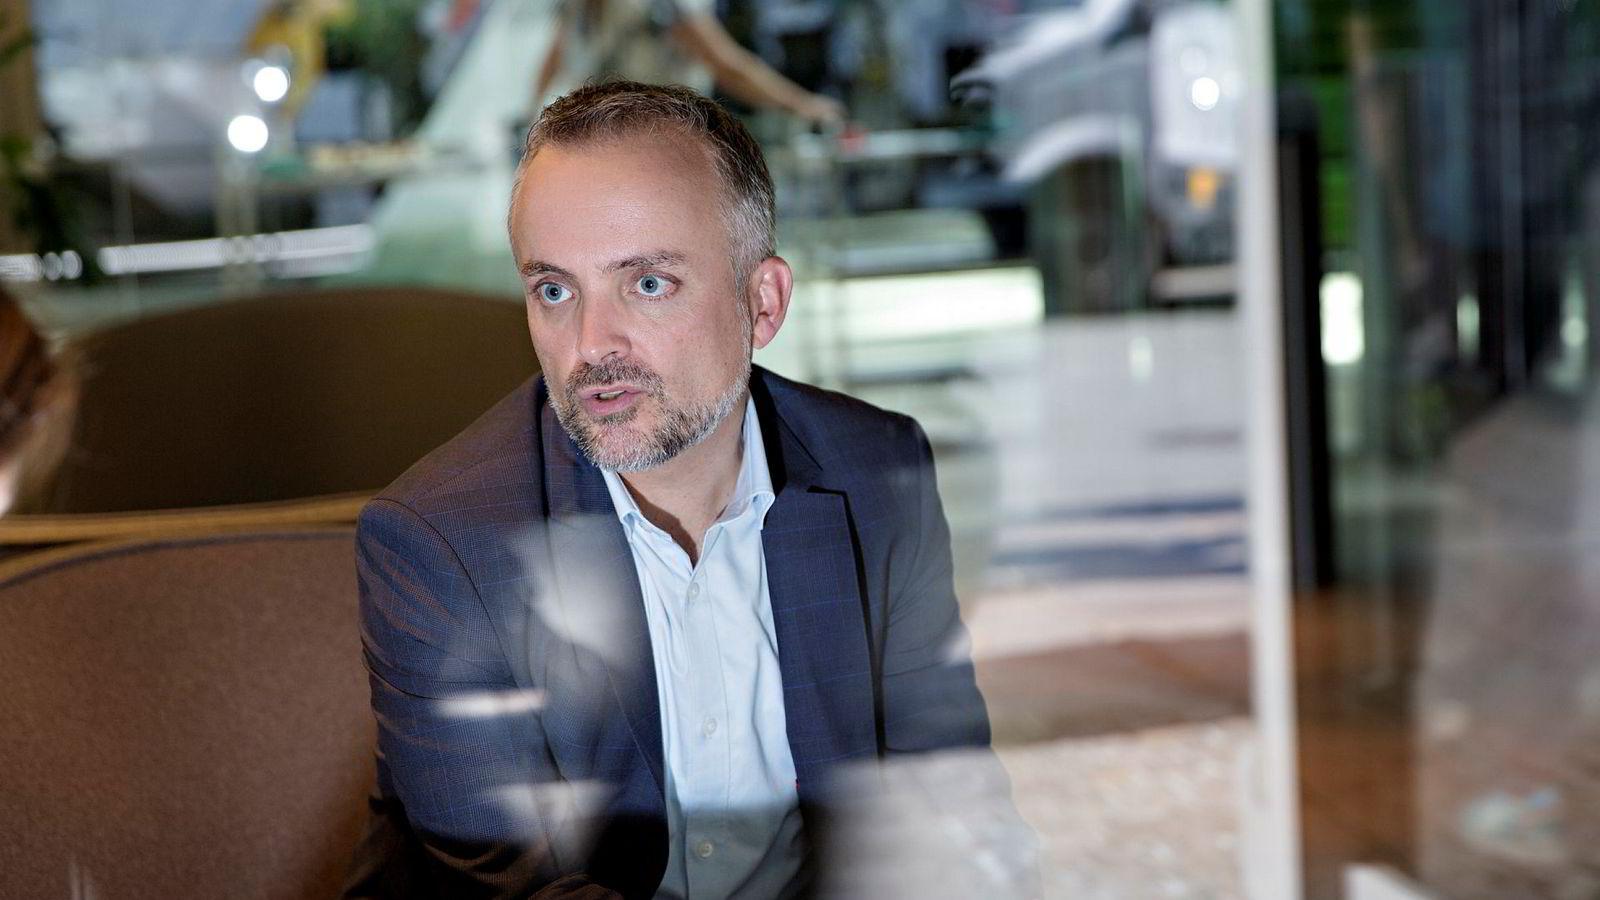 Jurist Jakob Bernhoft hos danske TV 2 i København onsdag, etter et intervju hos kanalen om den nye Danske Bank-rapporten. Til DN sier Bernhoft at rapporten tilfører lite nytt utover det som allerede var kjent.